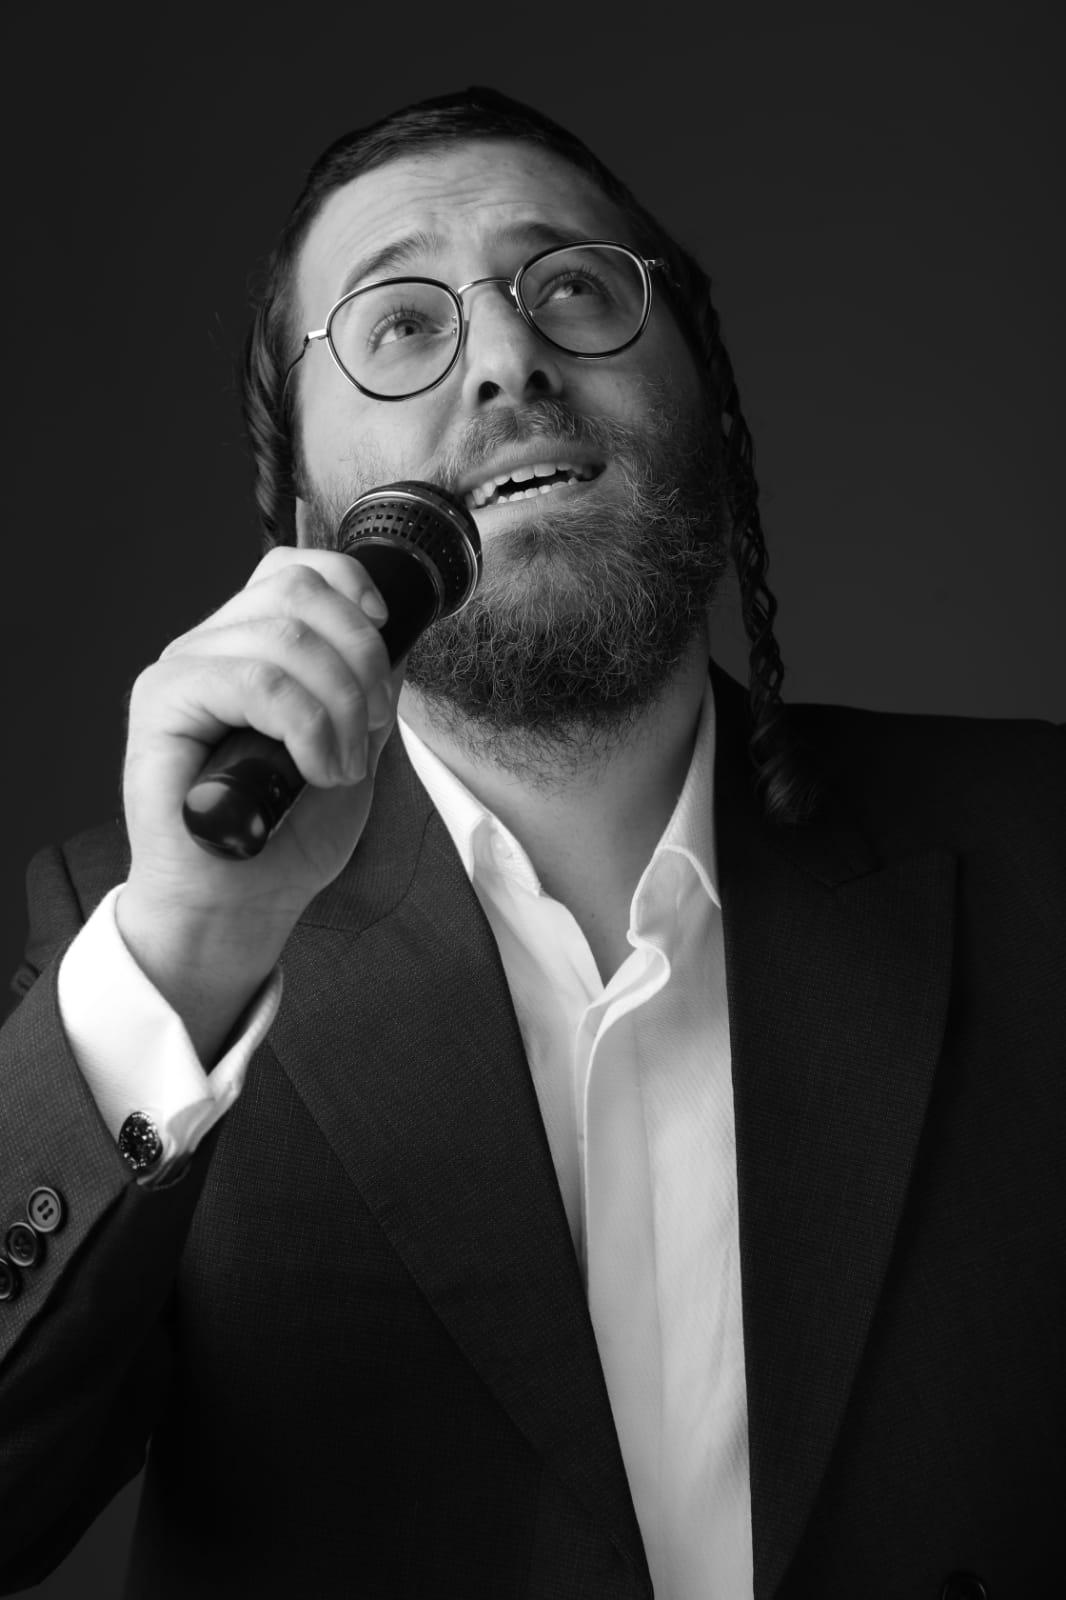 הזמר נחמן גולדברג צילום רפאל מזרחי